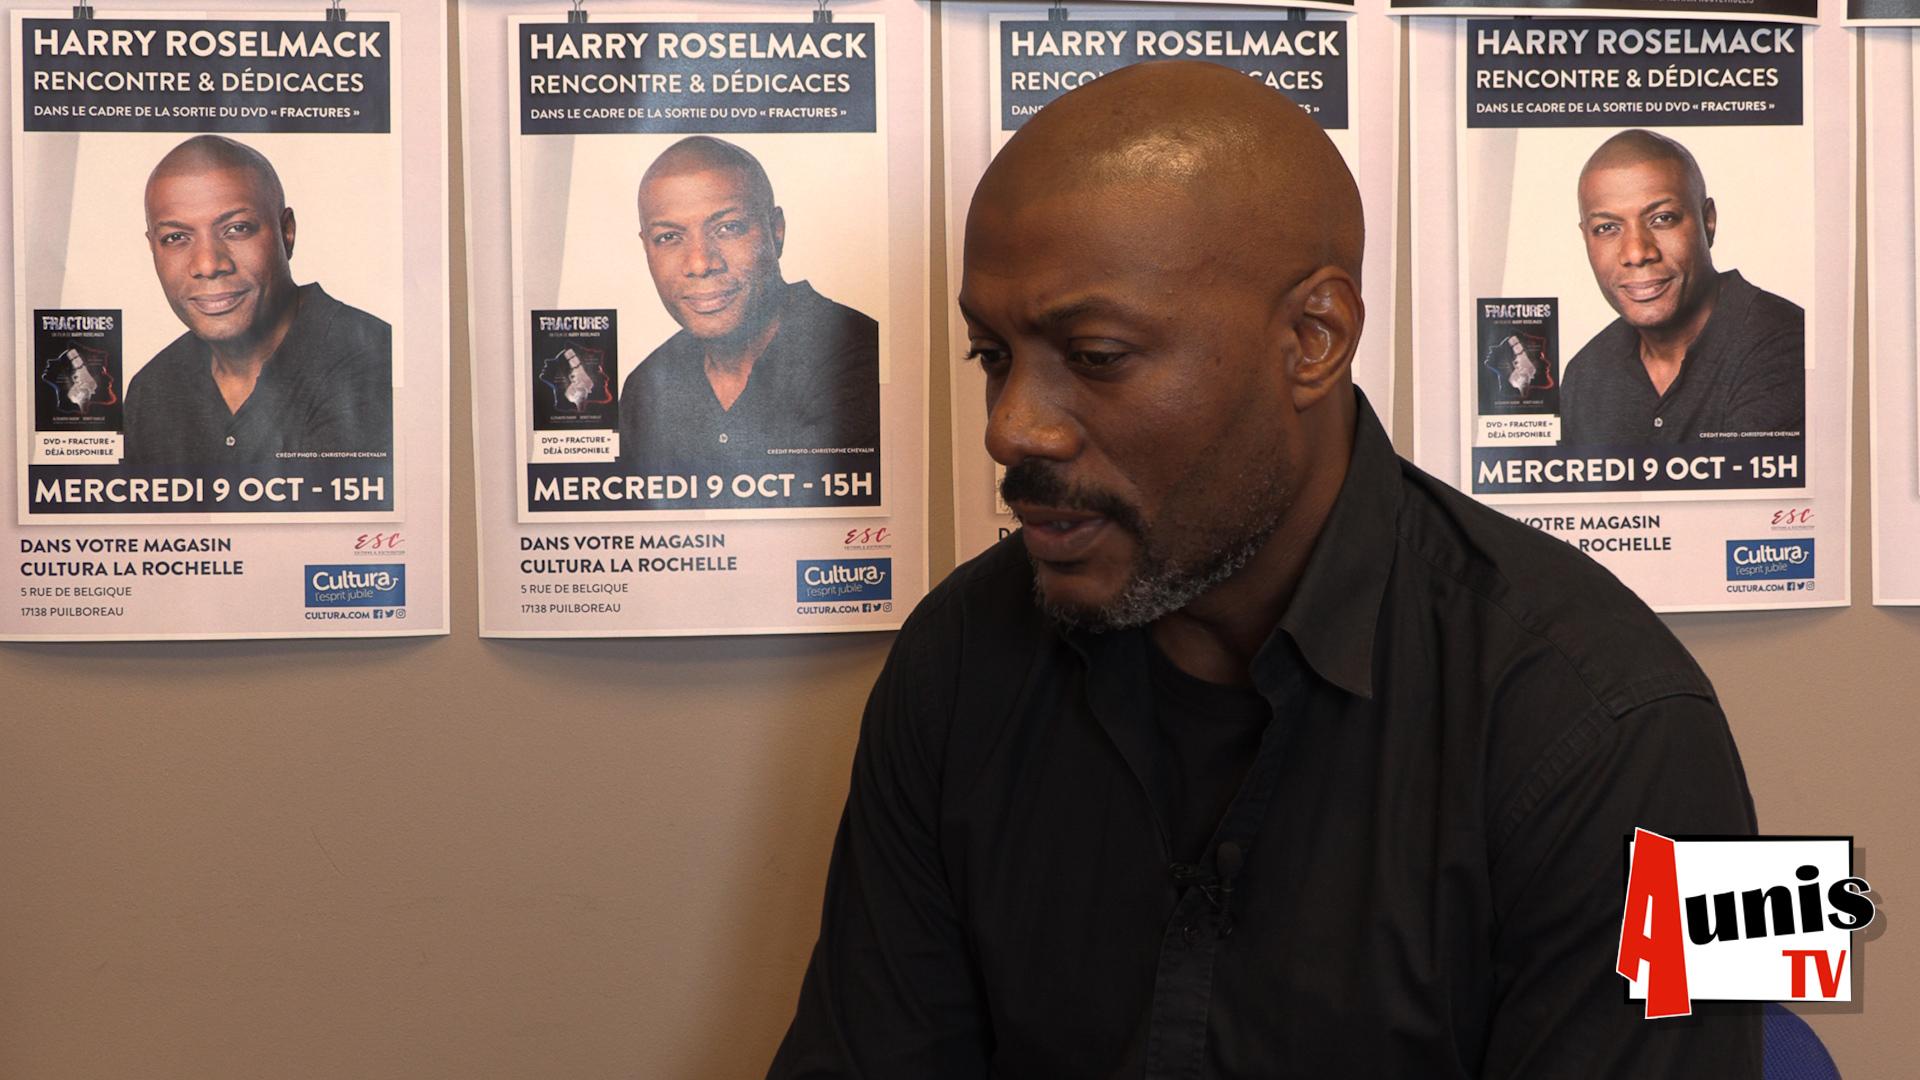 Harry Roselmak Réalisateur Cultura La Rochelle film Fractures